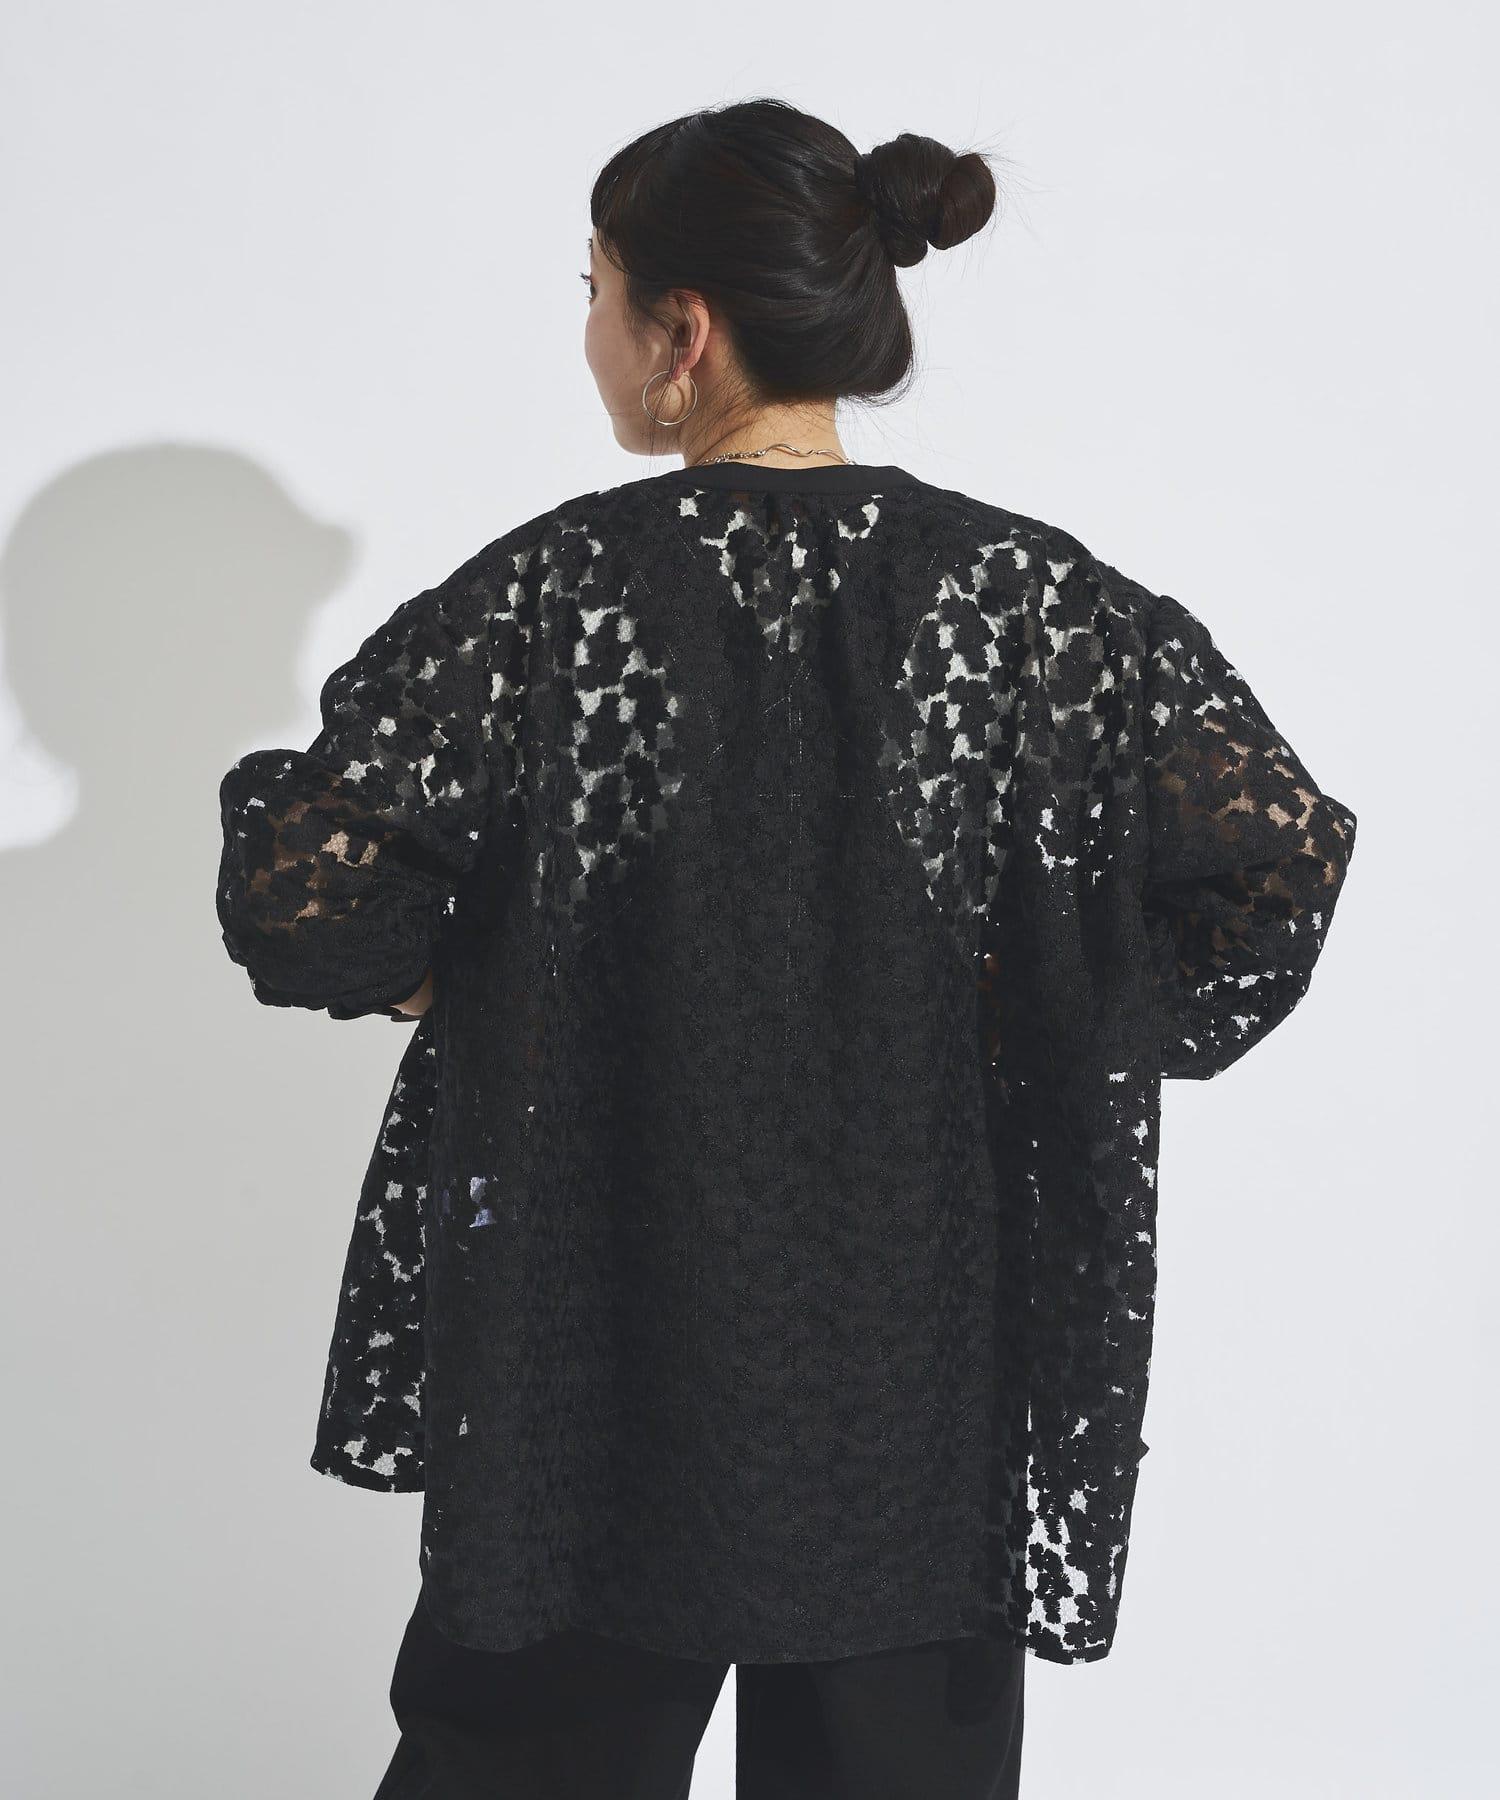 CPCM(シーピーシーエム) フラワーレースビッグシャツ